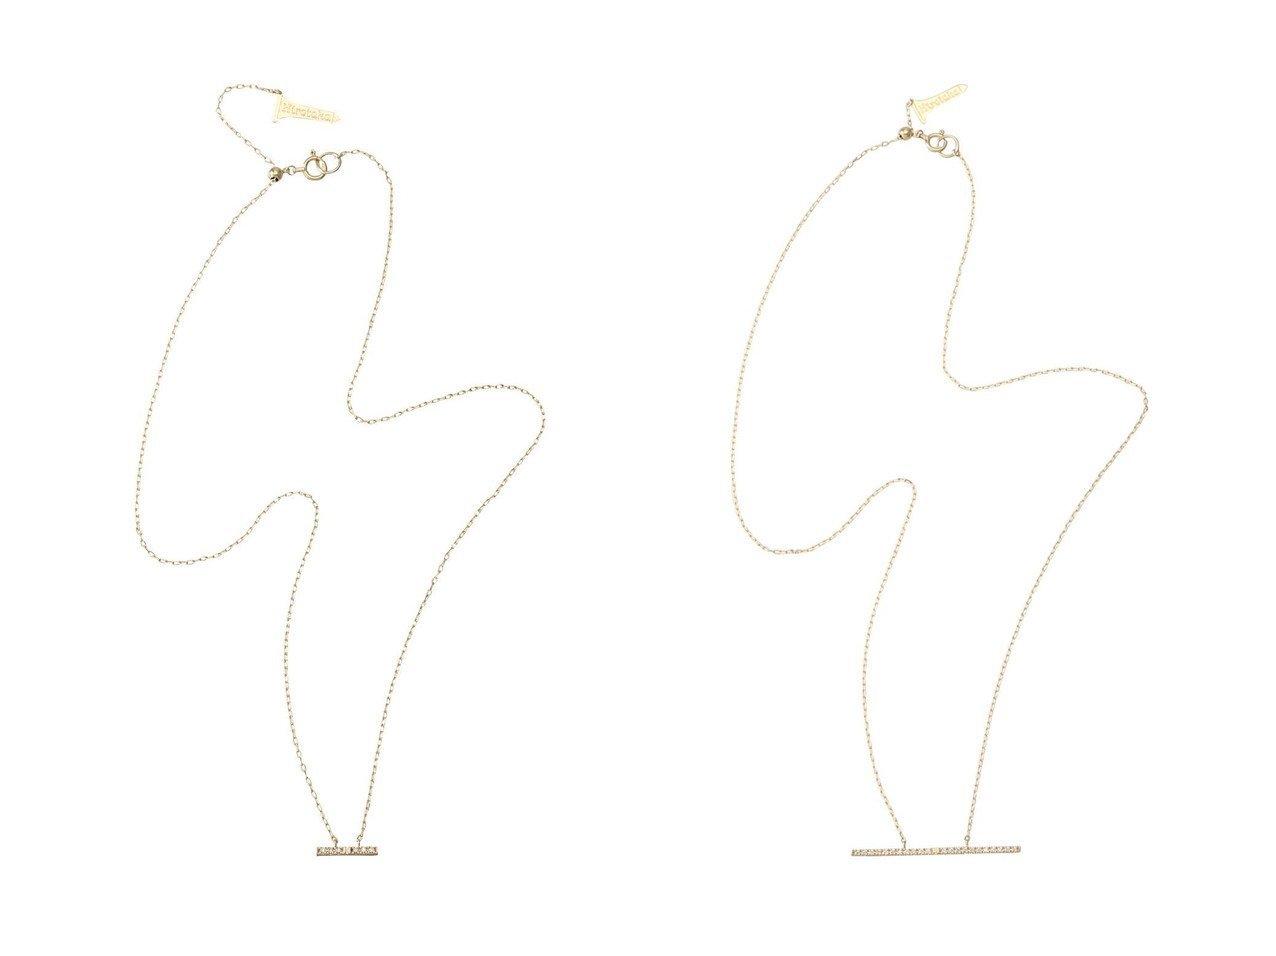 【Hirotaka/ヒロタカ】のTrapeze ダイヤモンドネックレス S&Trapeze ダイヤモンドネックレス L 【アクセサリー・ジュエリー】おすすめ!人気、トレンド・レディースファッションの通販 おすすめで人気の流行・トレンド、ファッションの通販商品 インテリア・家具・メンズファッション・キッズファッション・レディースファッション・服の通販 founy(ファニー) https://founy.com/ ファッション Fashion レディースファッション WOMEN ジュエリー Jewelry ネックレス Necklaces ショート シンプル ダイヤモンド チェーン ネックレス モチーフ リュクス 再入荷 Restock/Back in Stock/Re Arrival |ID:crp329100000061805